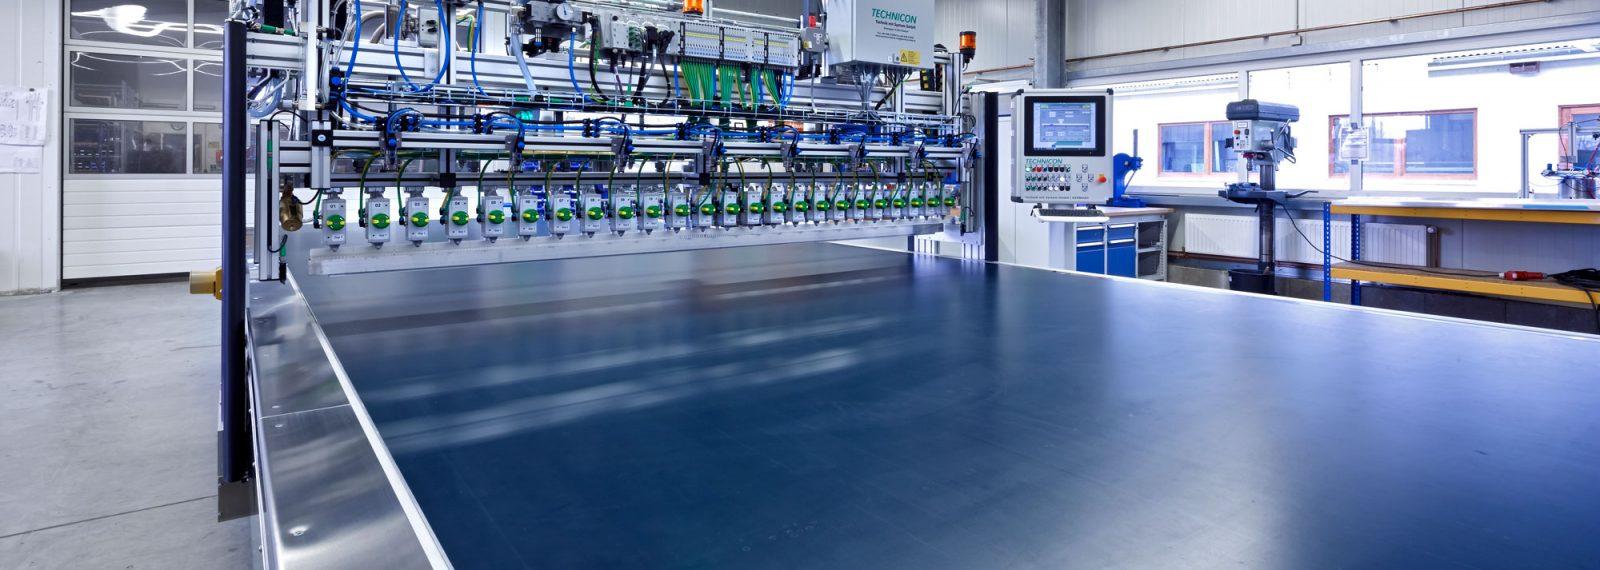 Ansicht der Anlage mit Förderband für die Produktion von Leichtbau-Verbundmaterialien